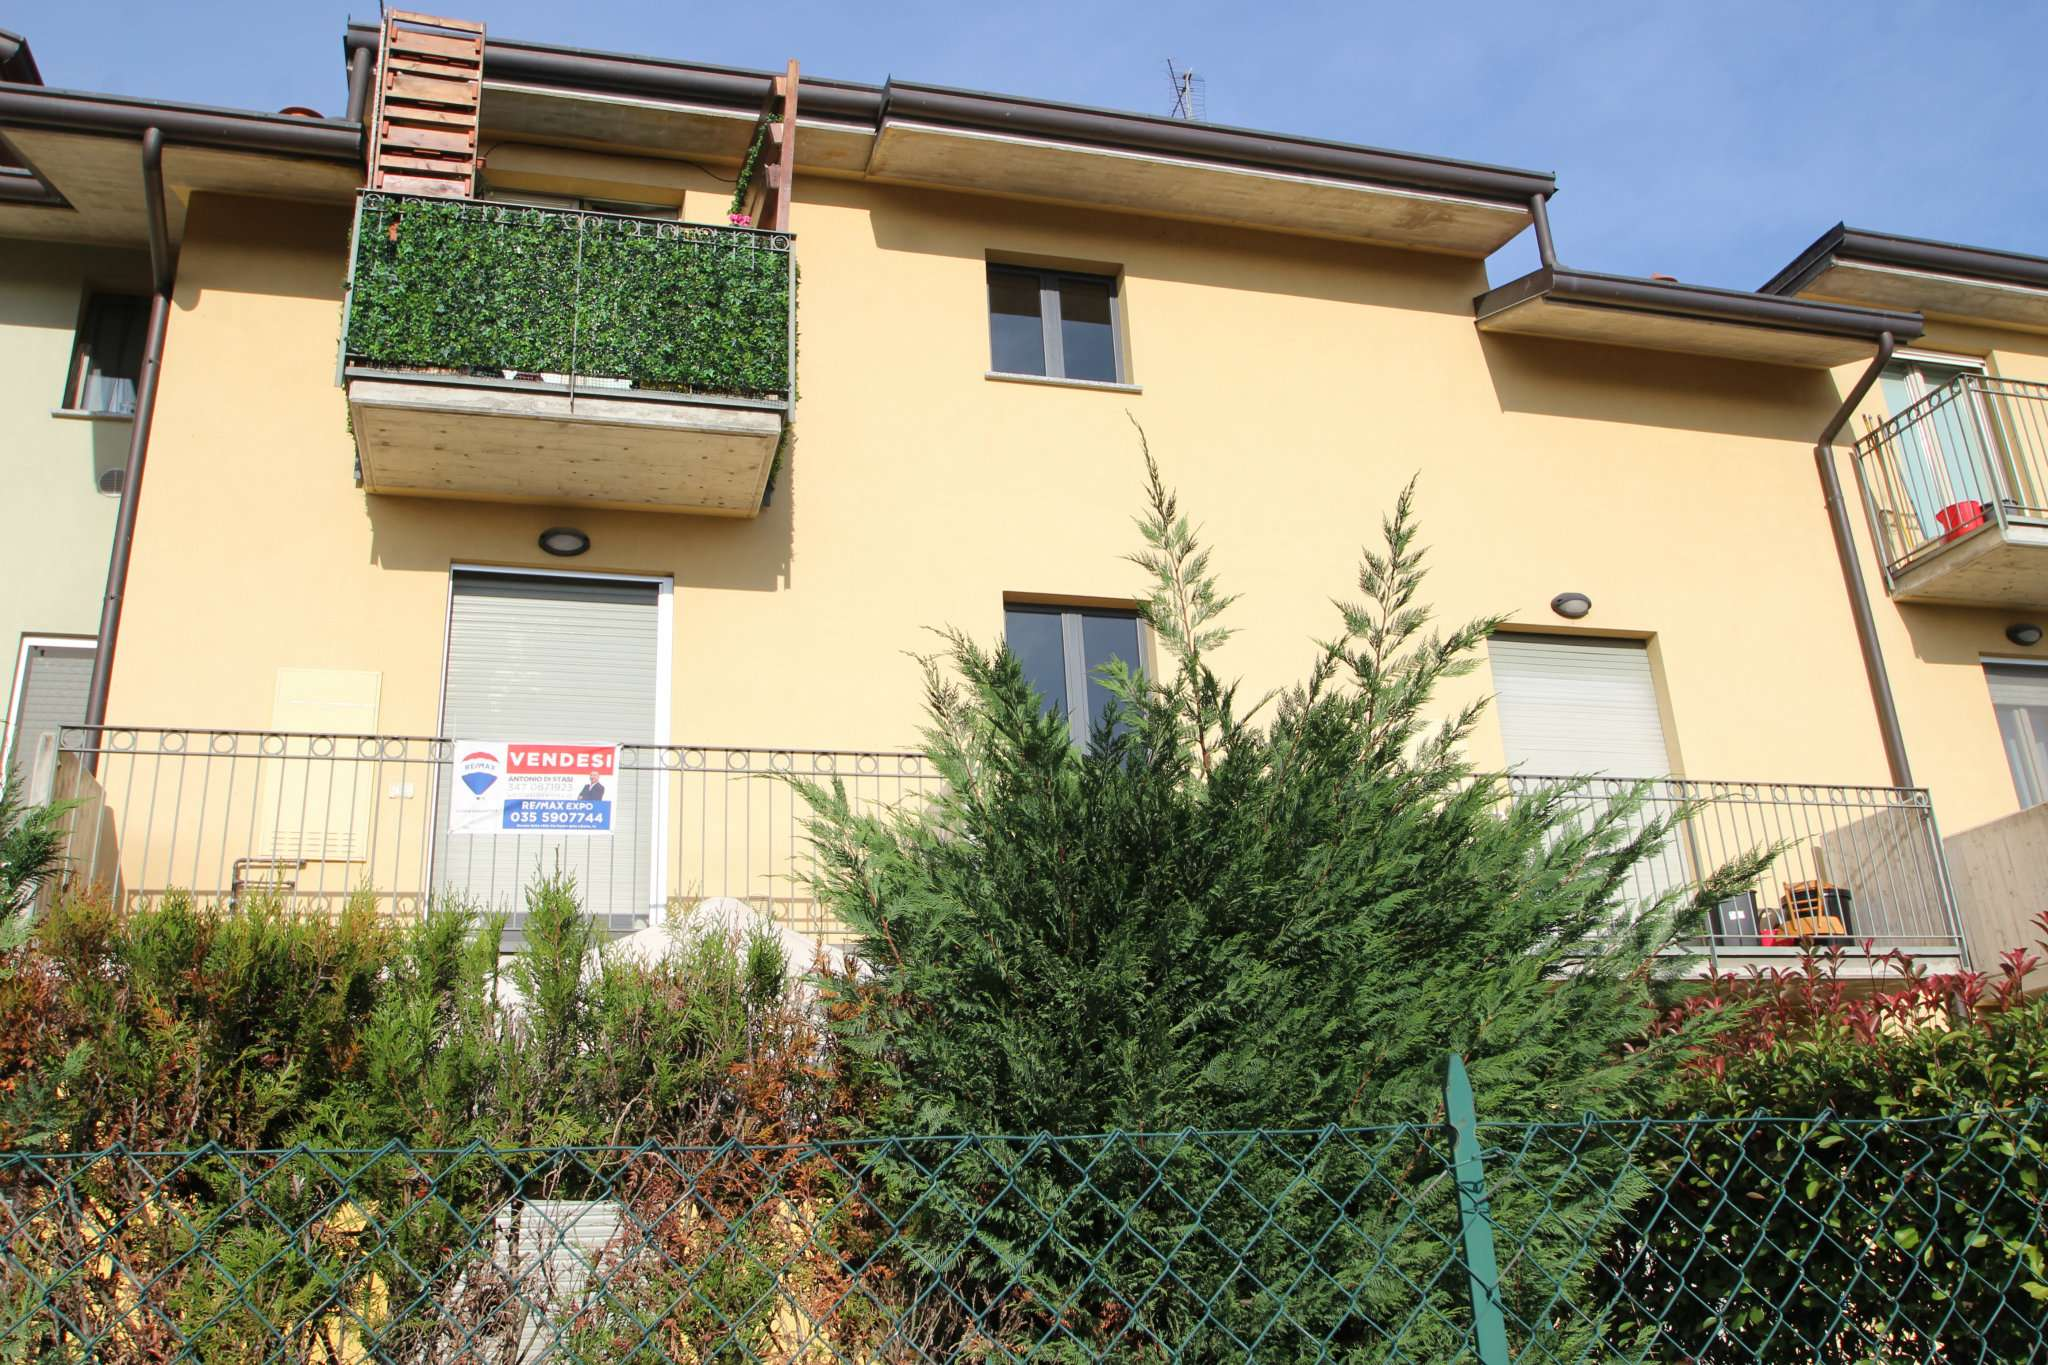 Appartamento in vendita a Terno d'Isola, 3 locali, prezzo € 110.000 | PortaleAgenzieImmobiliari.it